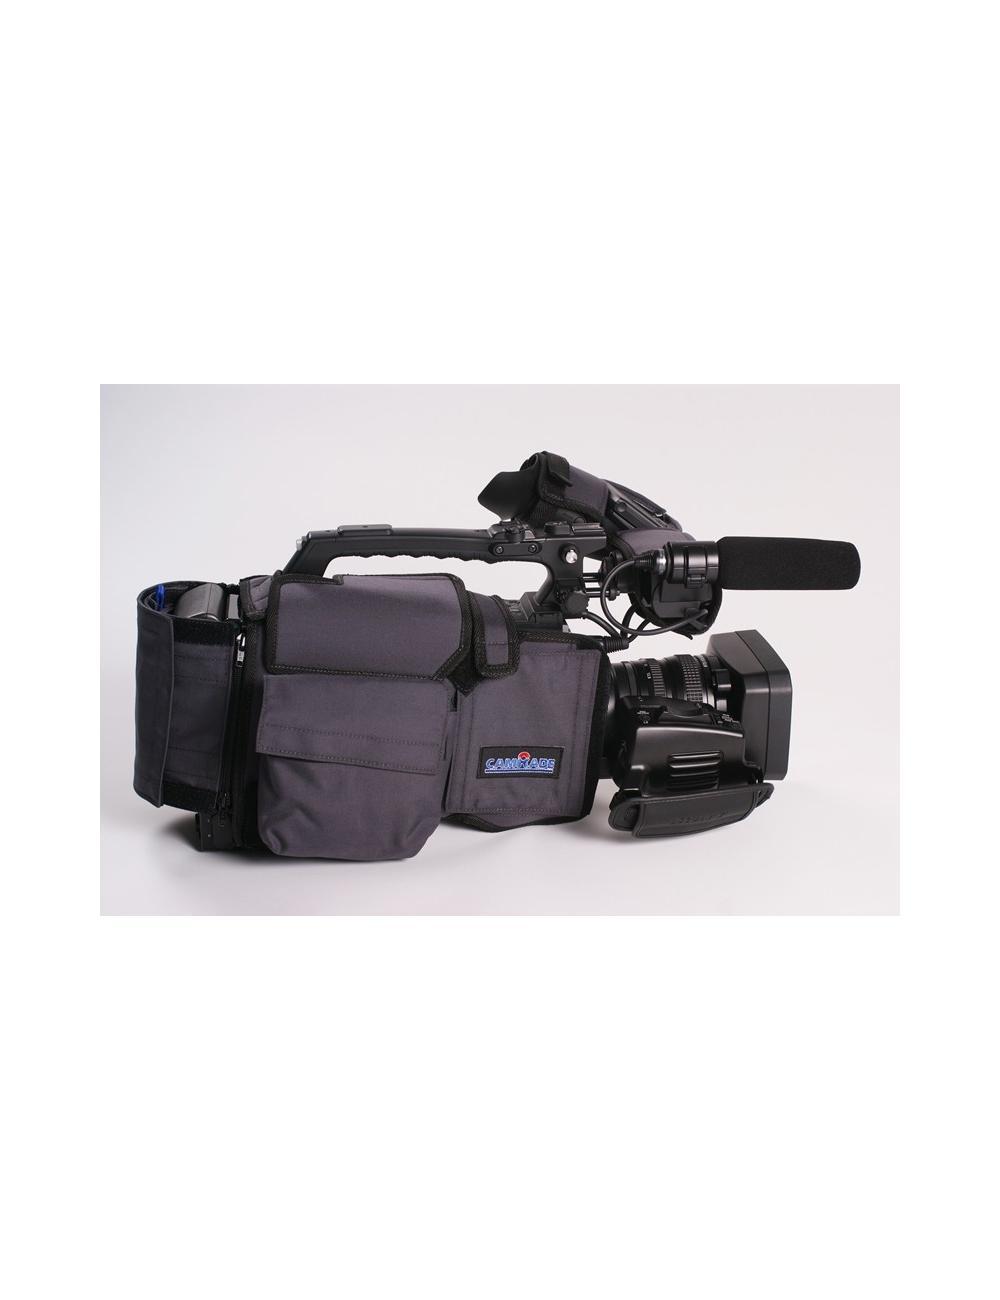 Camrade - CS HPX 600